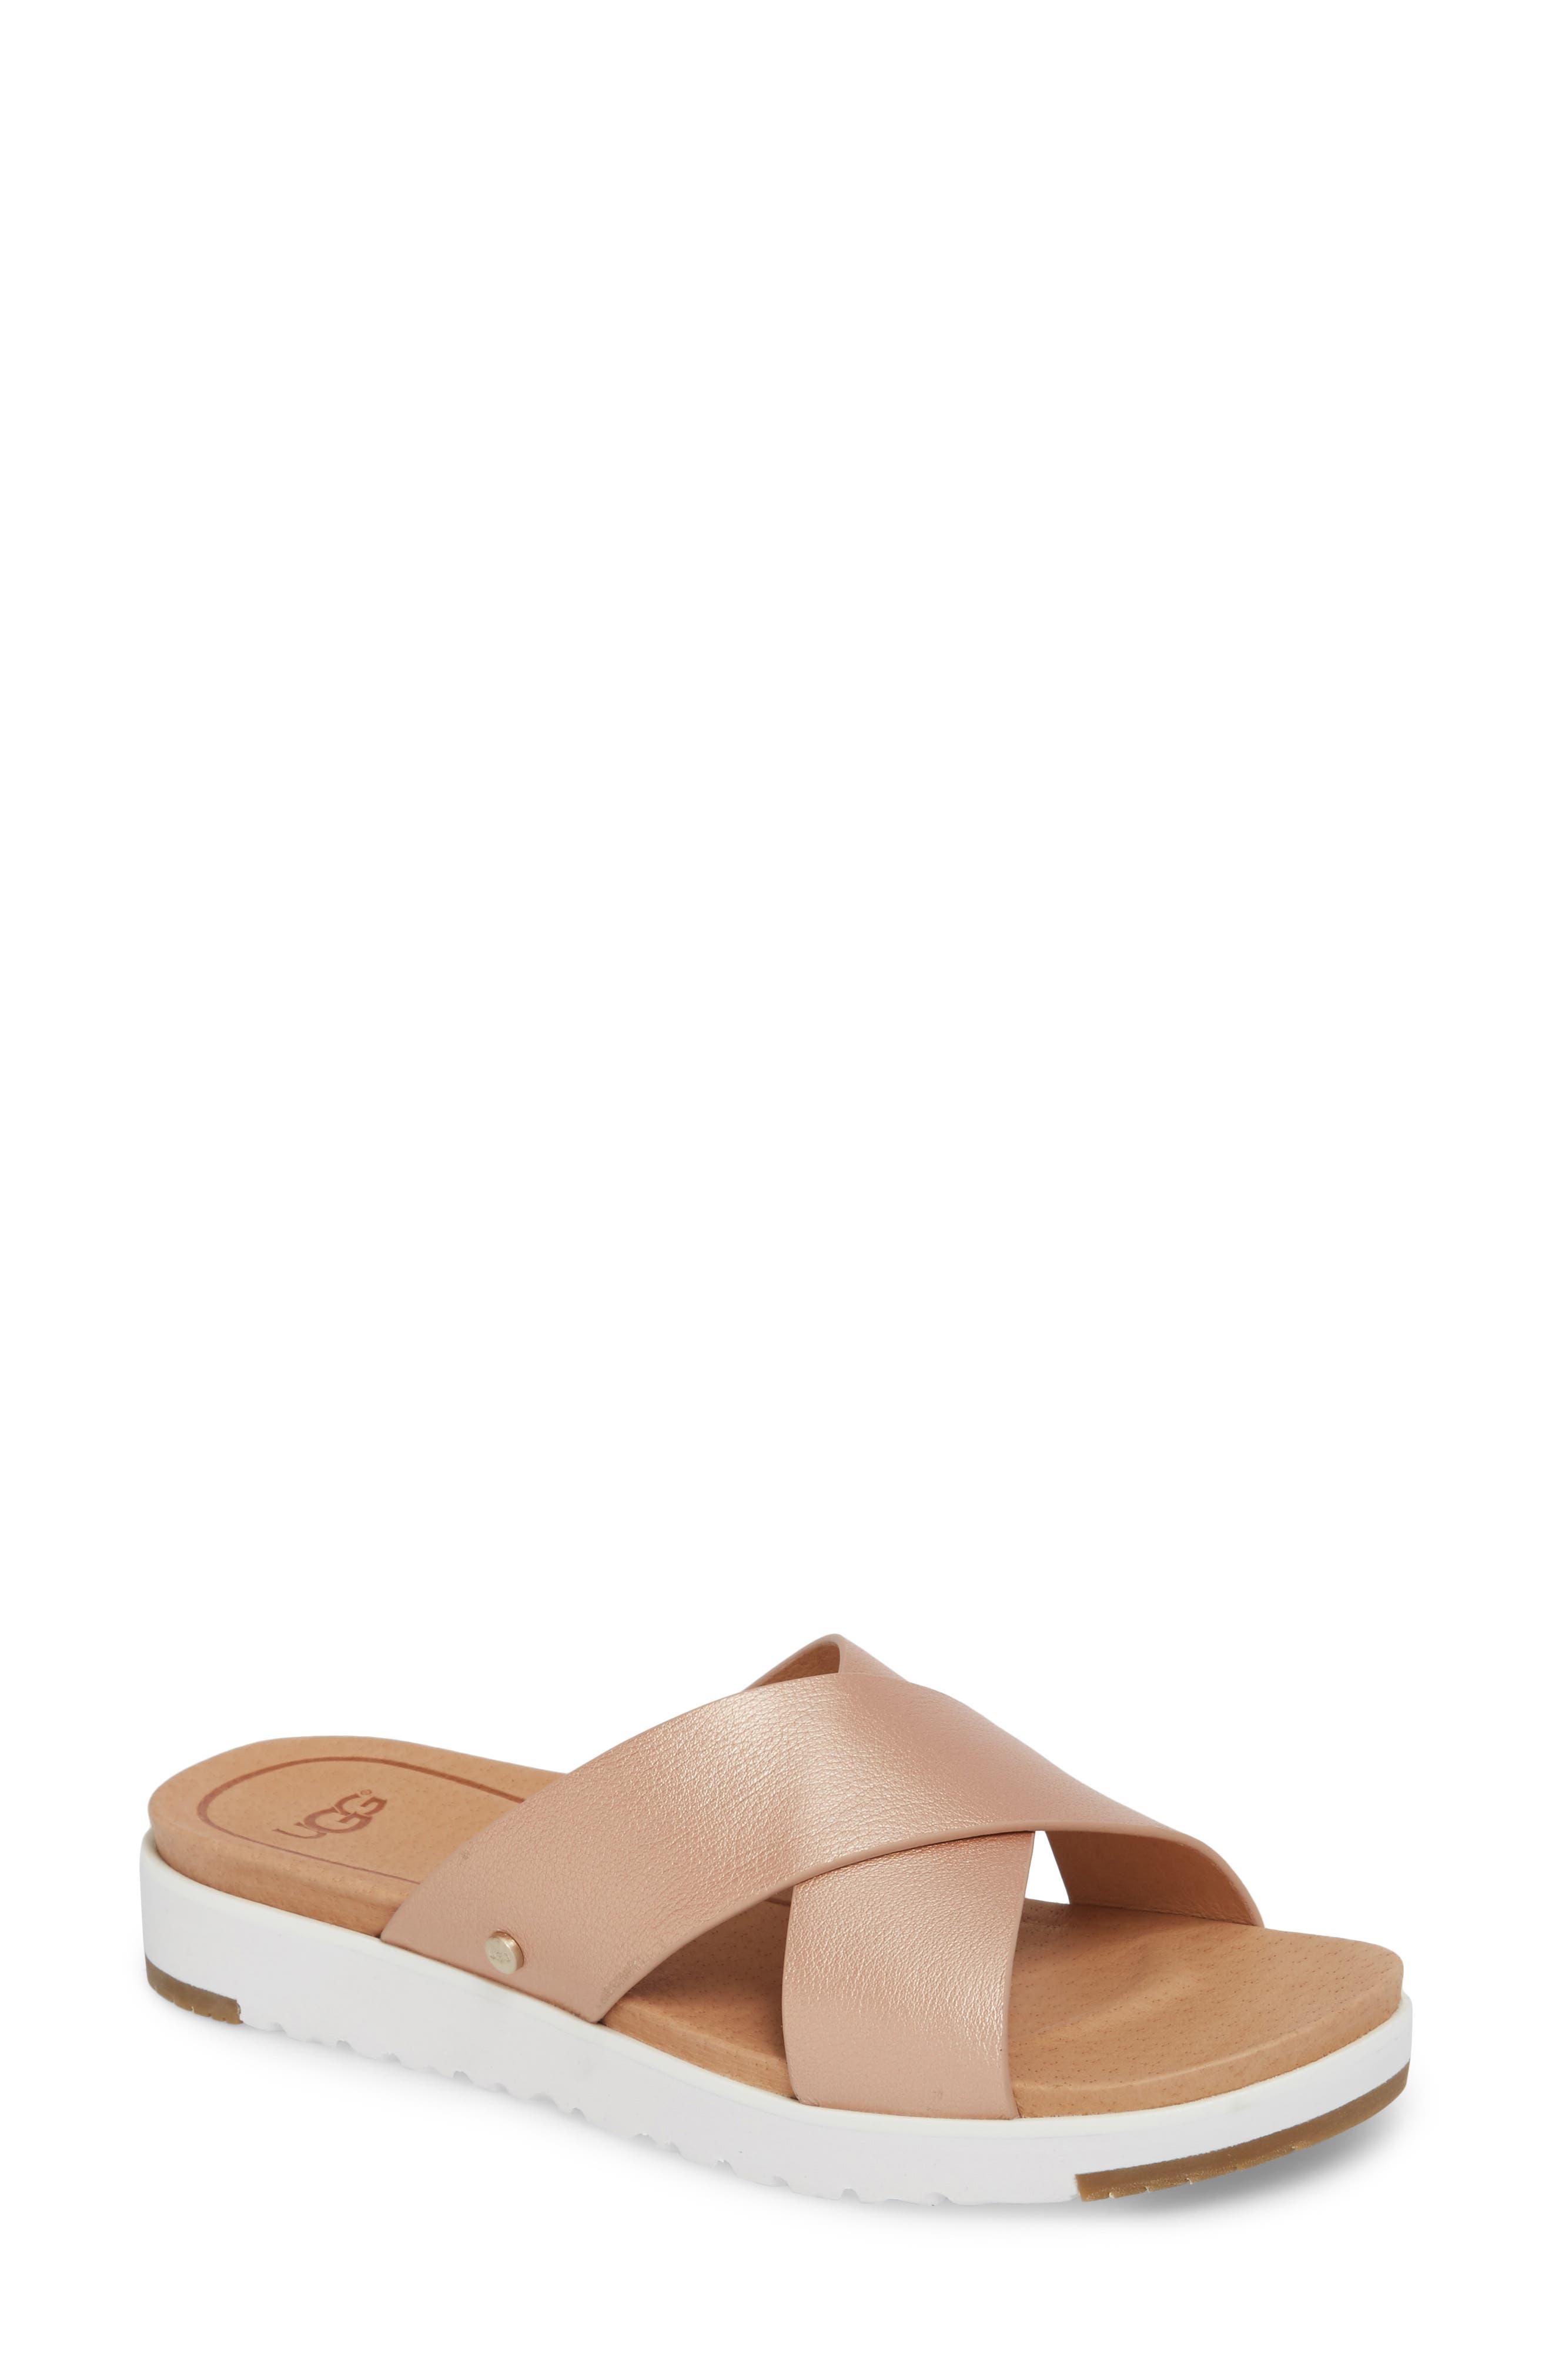 Kari Slide Sandal,                         Main,                         color, ROSE GOLD LEATHER